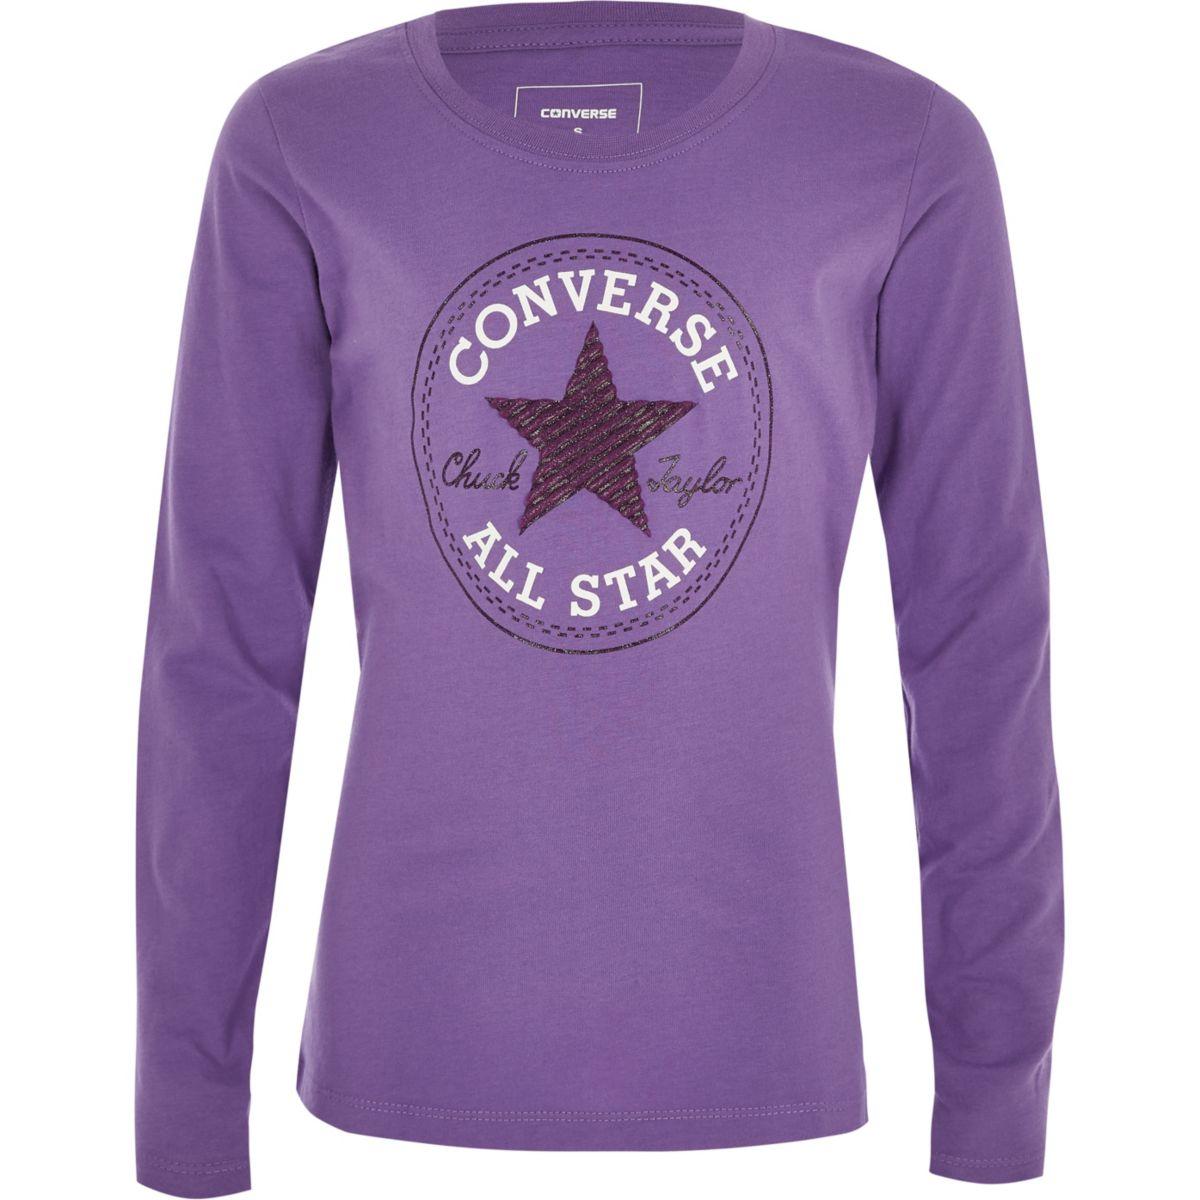 T-shirt Converse manches longues violet pour fille